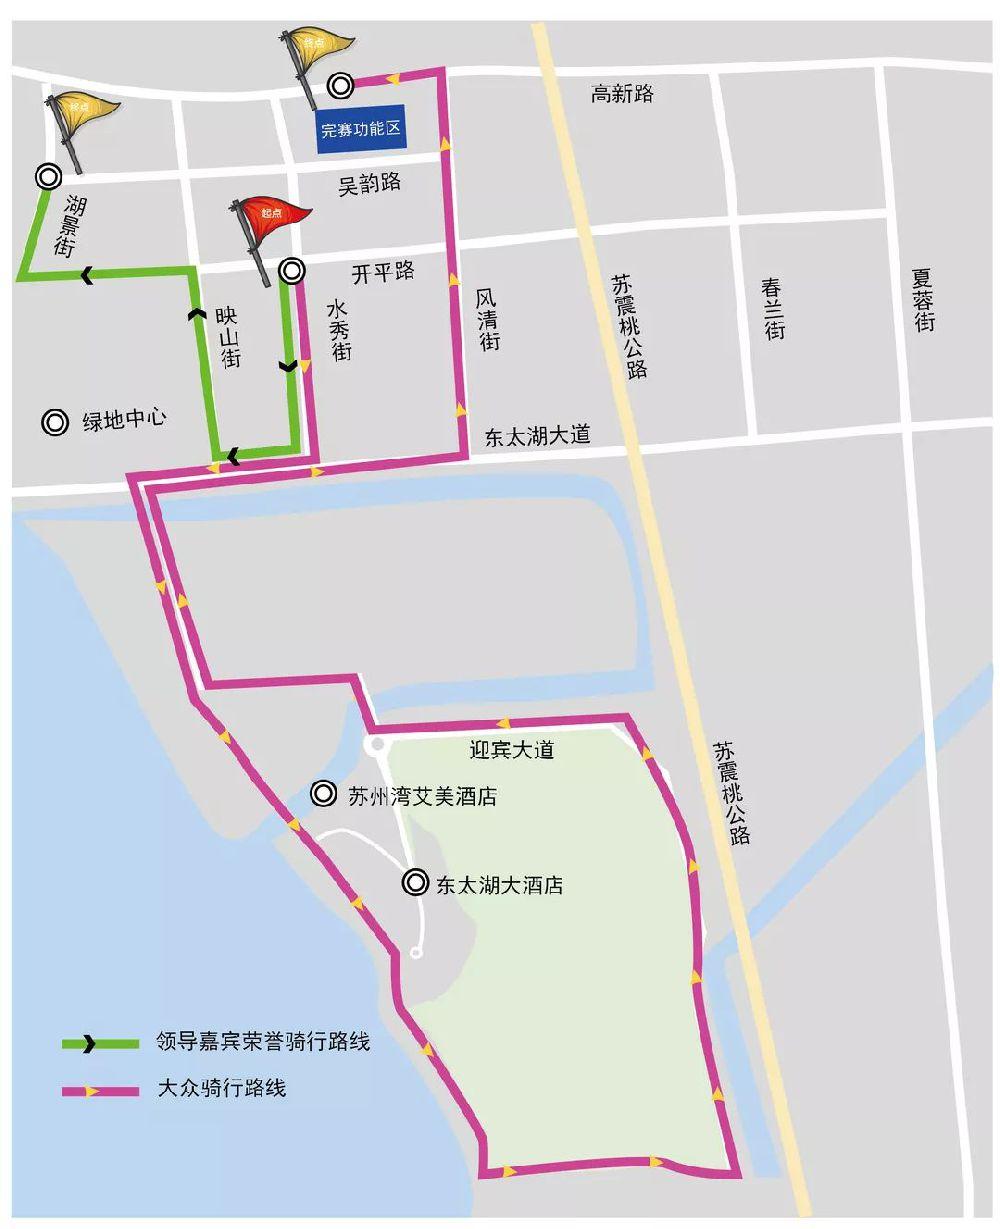 2018吴江区国际骑行大会交通管制指南